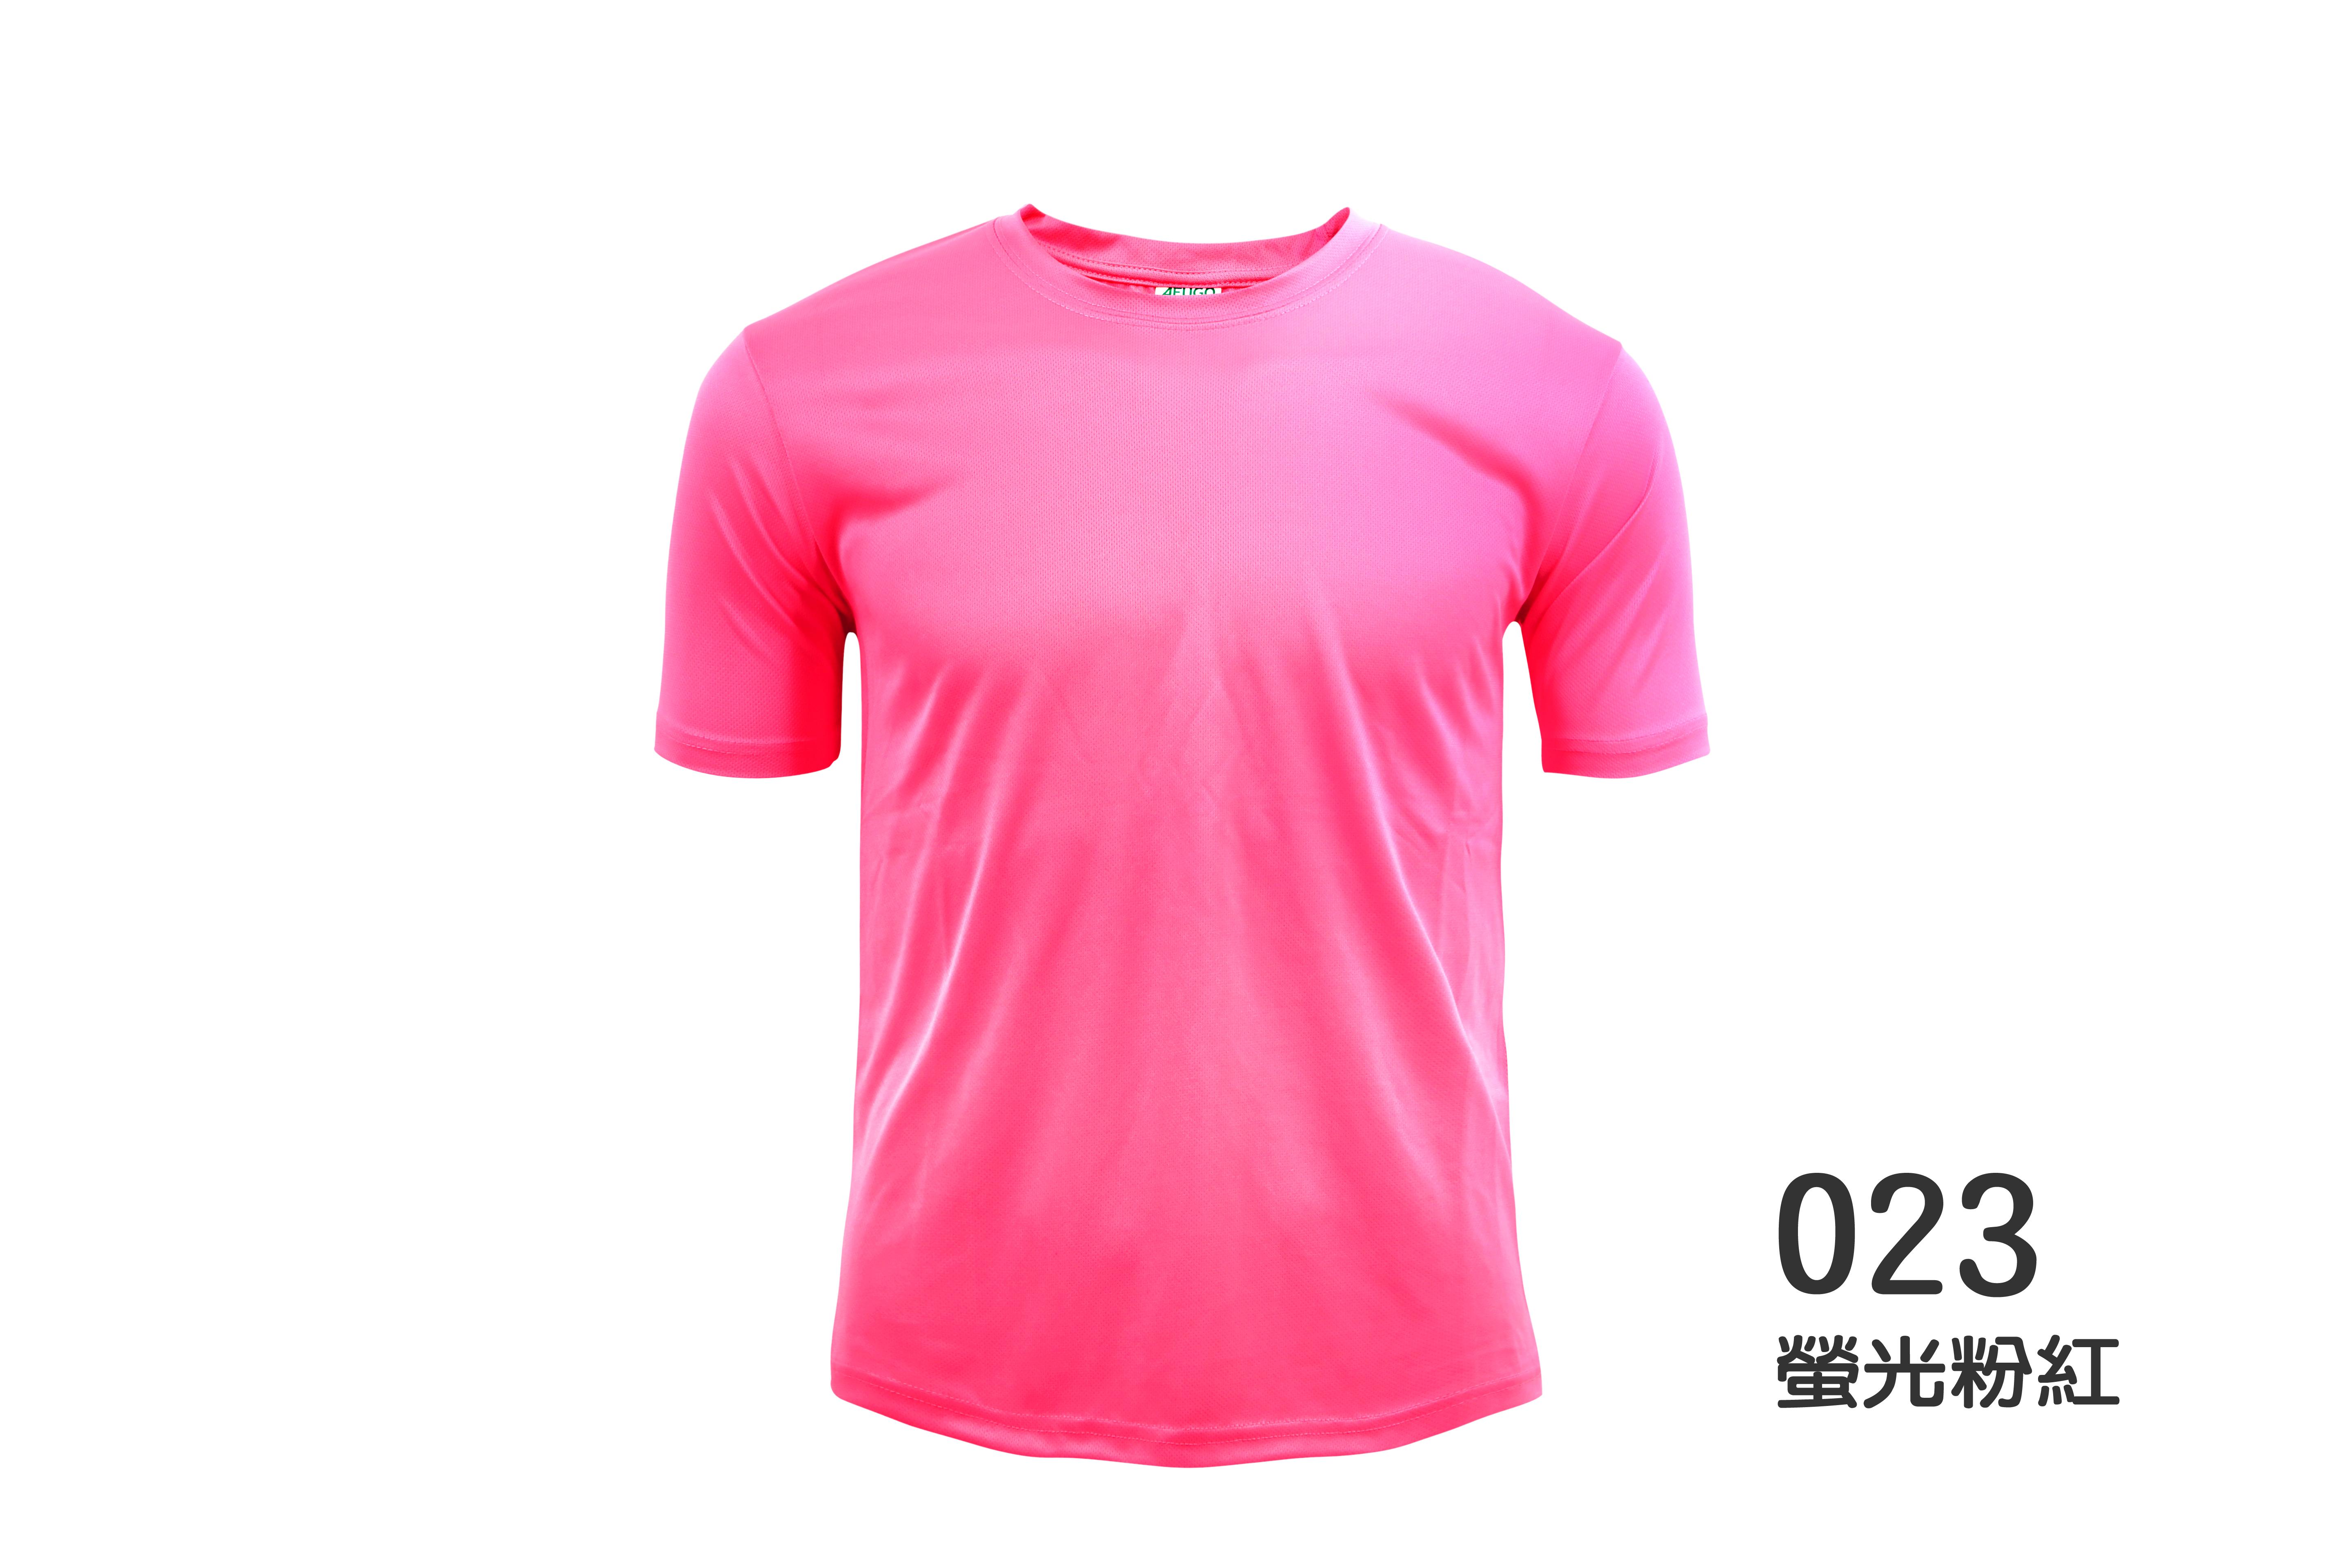 023螢光粉紅-1-01